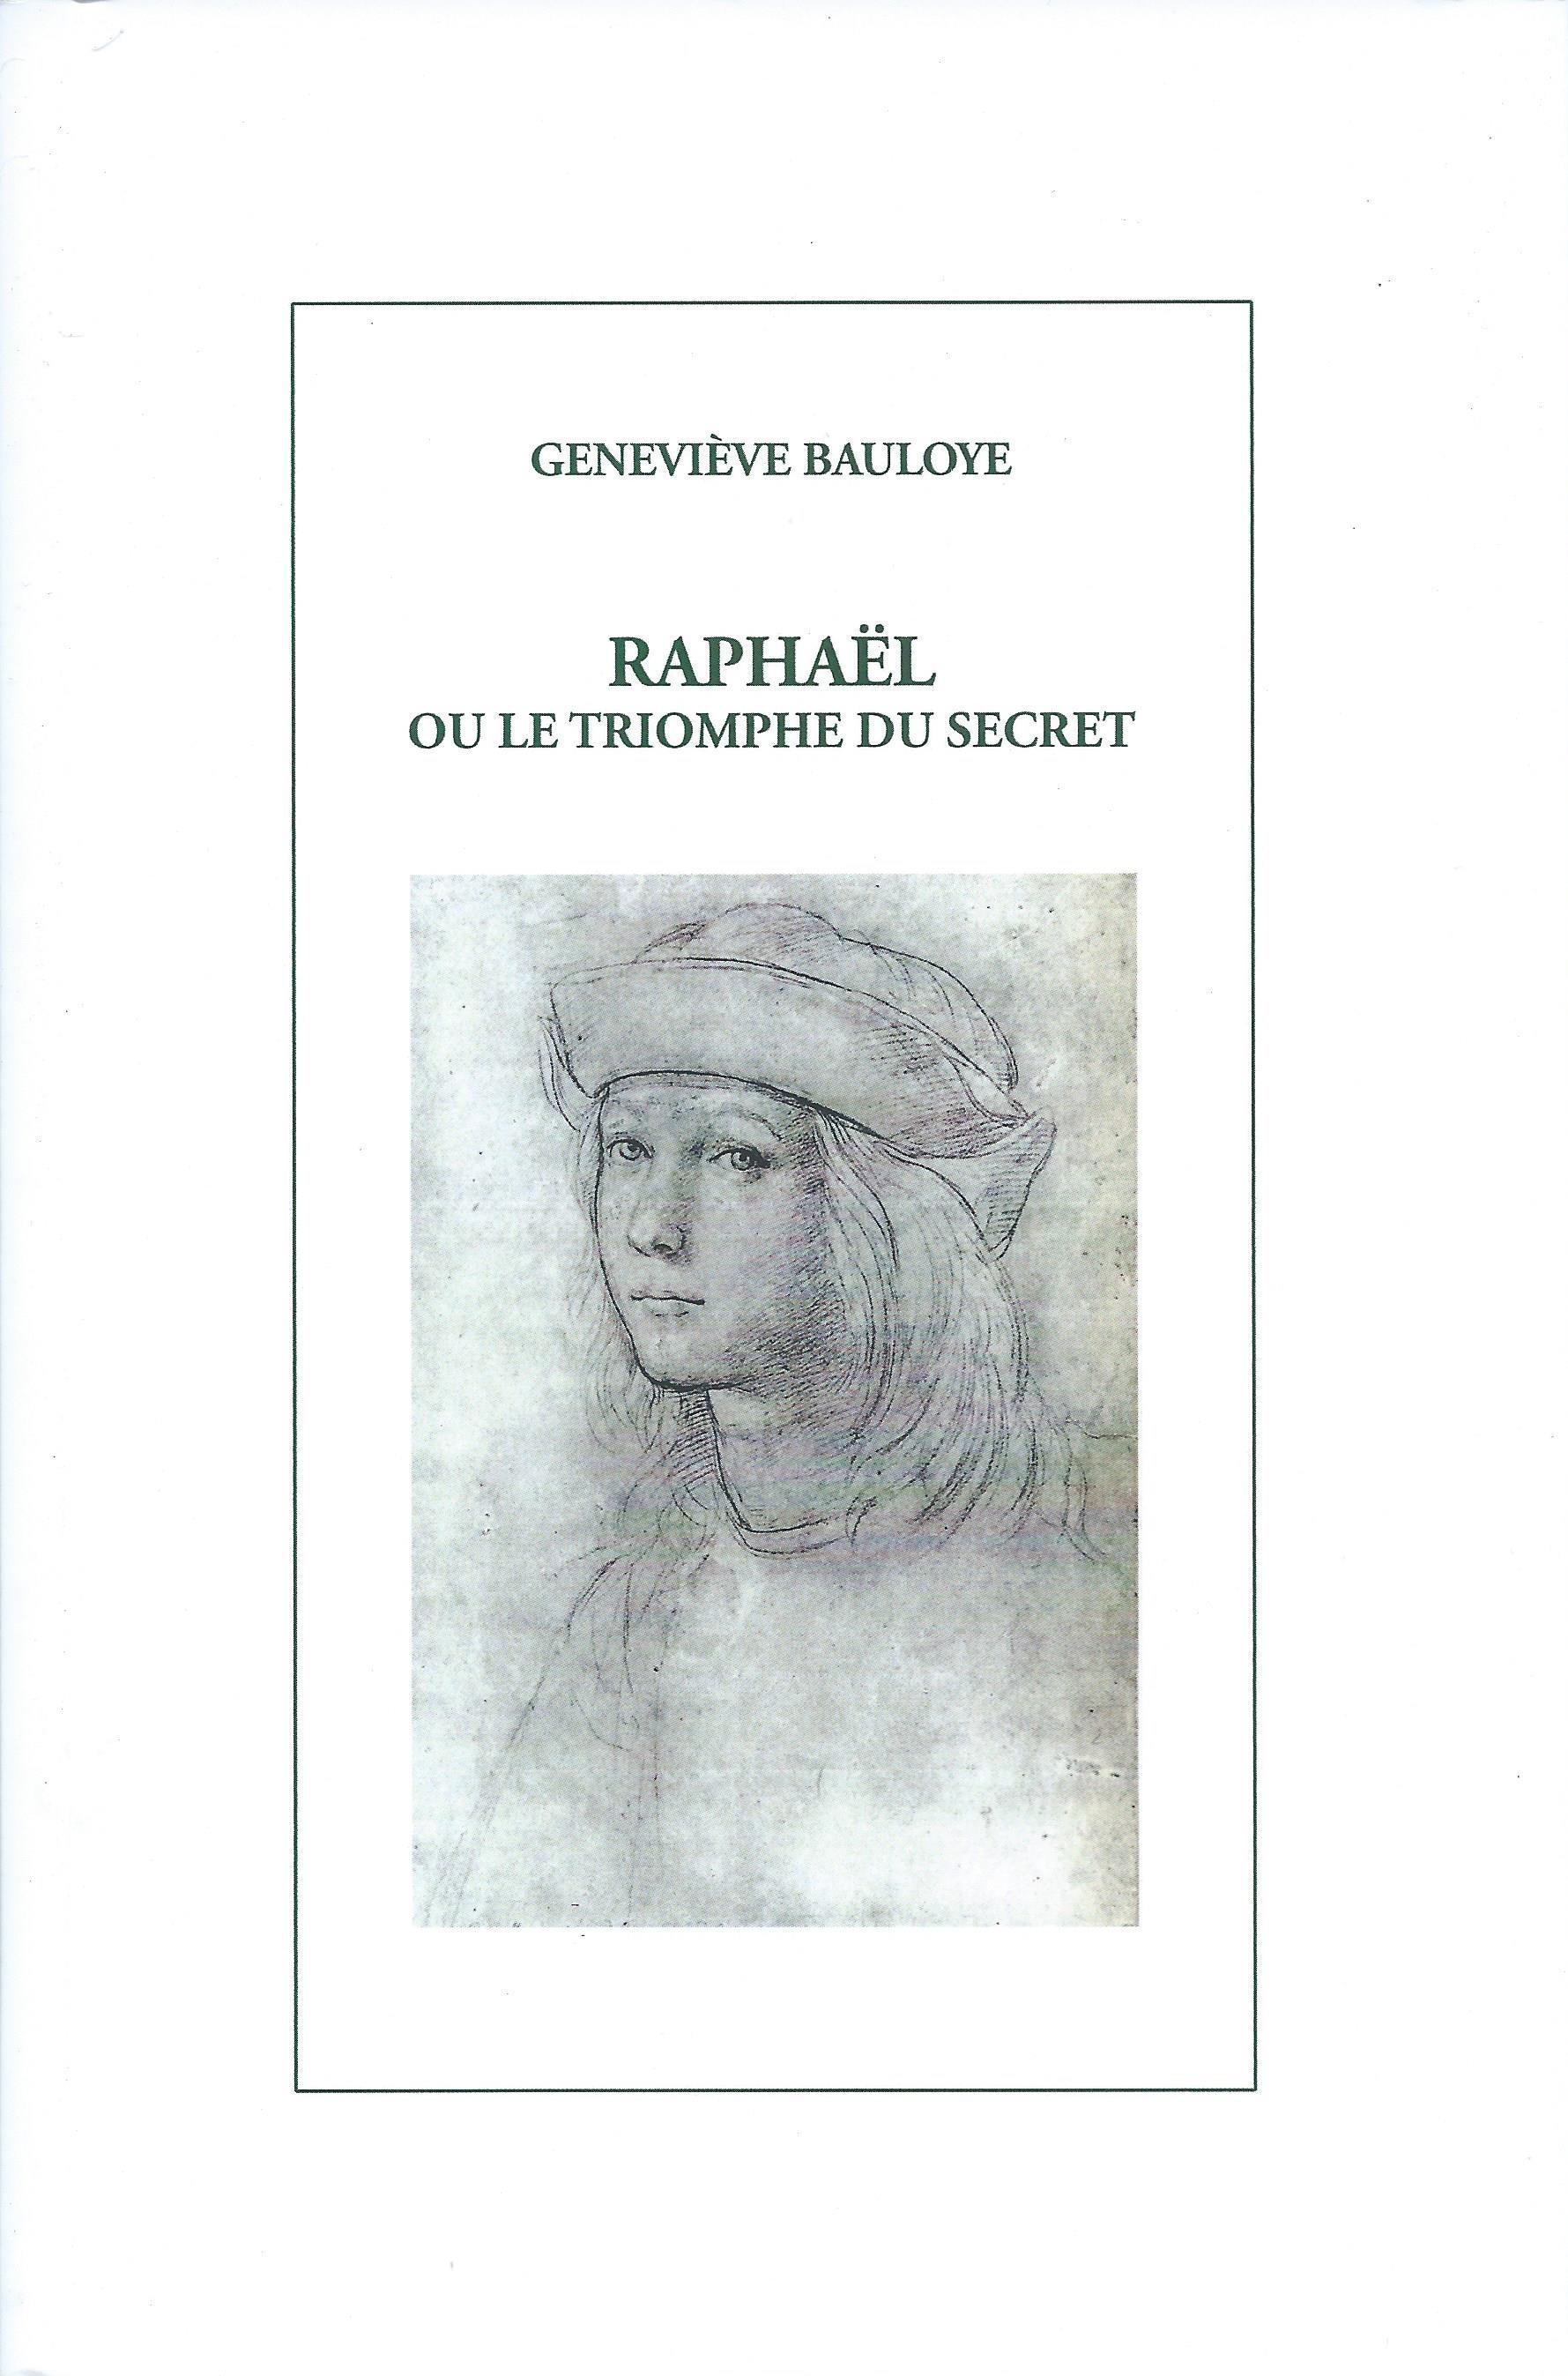 GENEVIÈVE BAULOYE - Raphaël ou le triomphe du secret